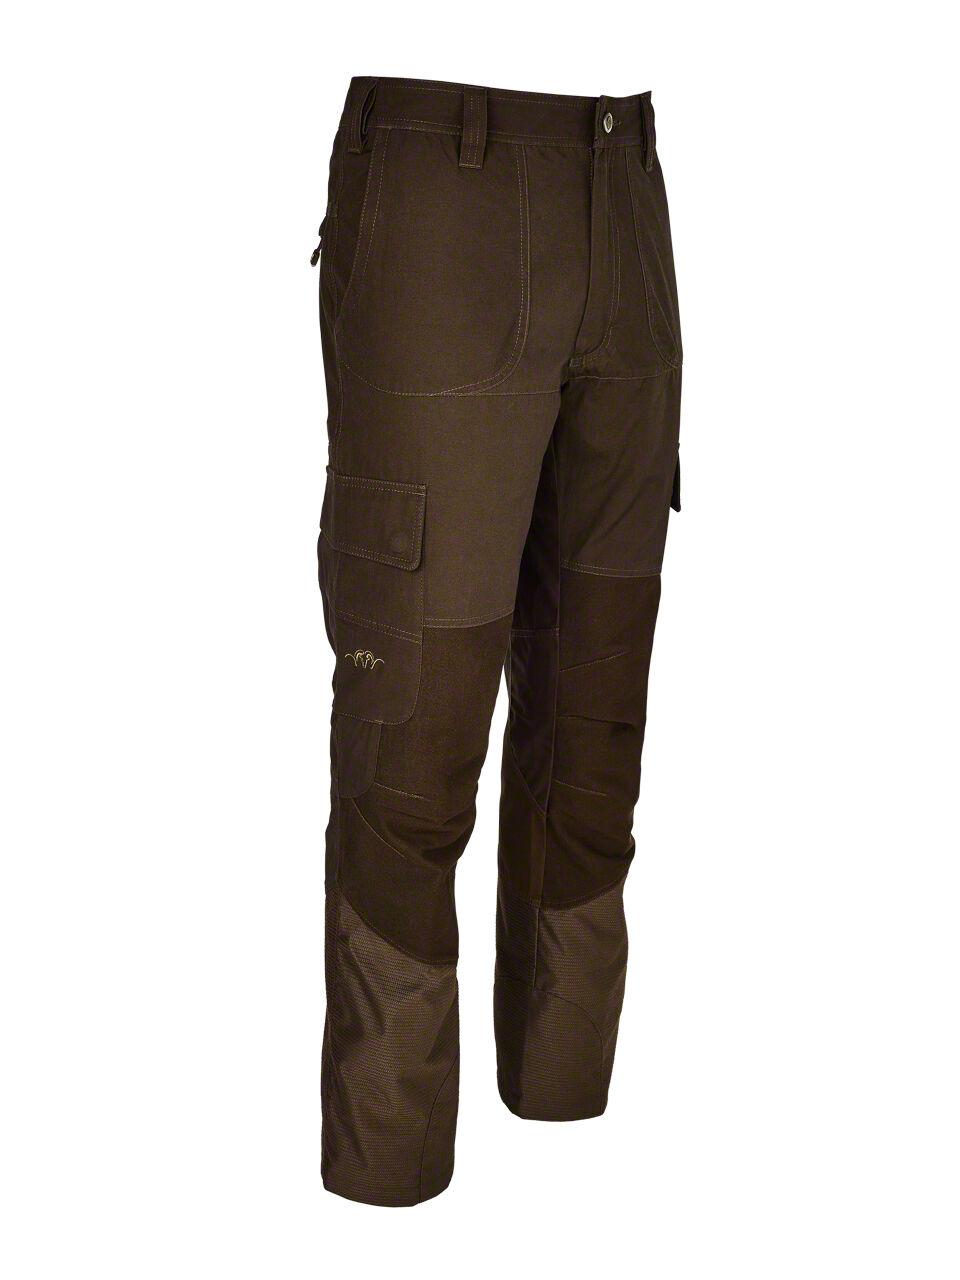 Blaser caza pantalones en medio de bosque pro - 116033-070